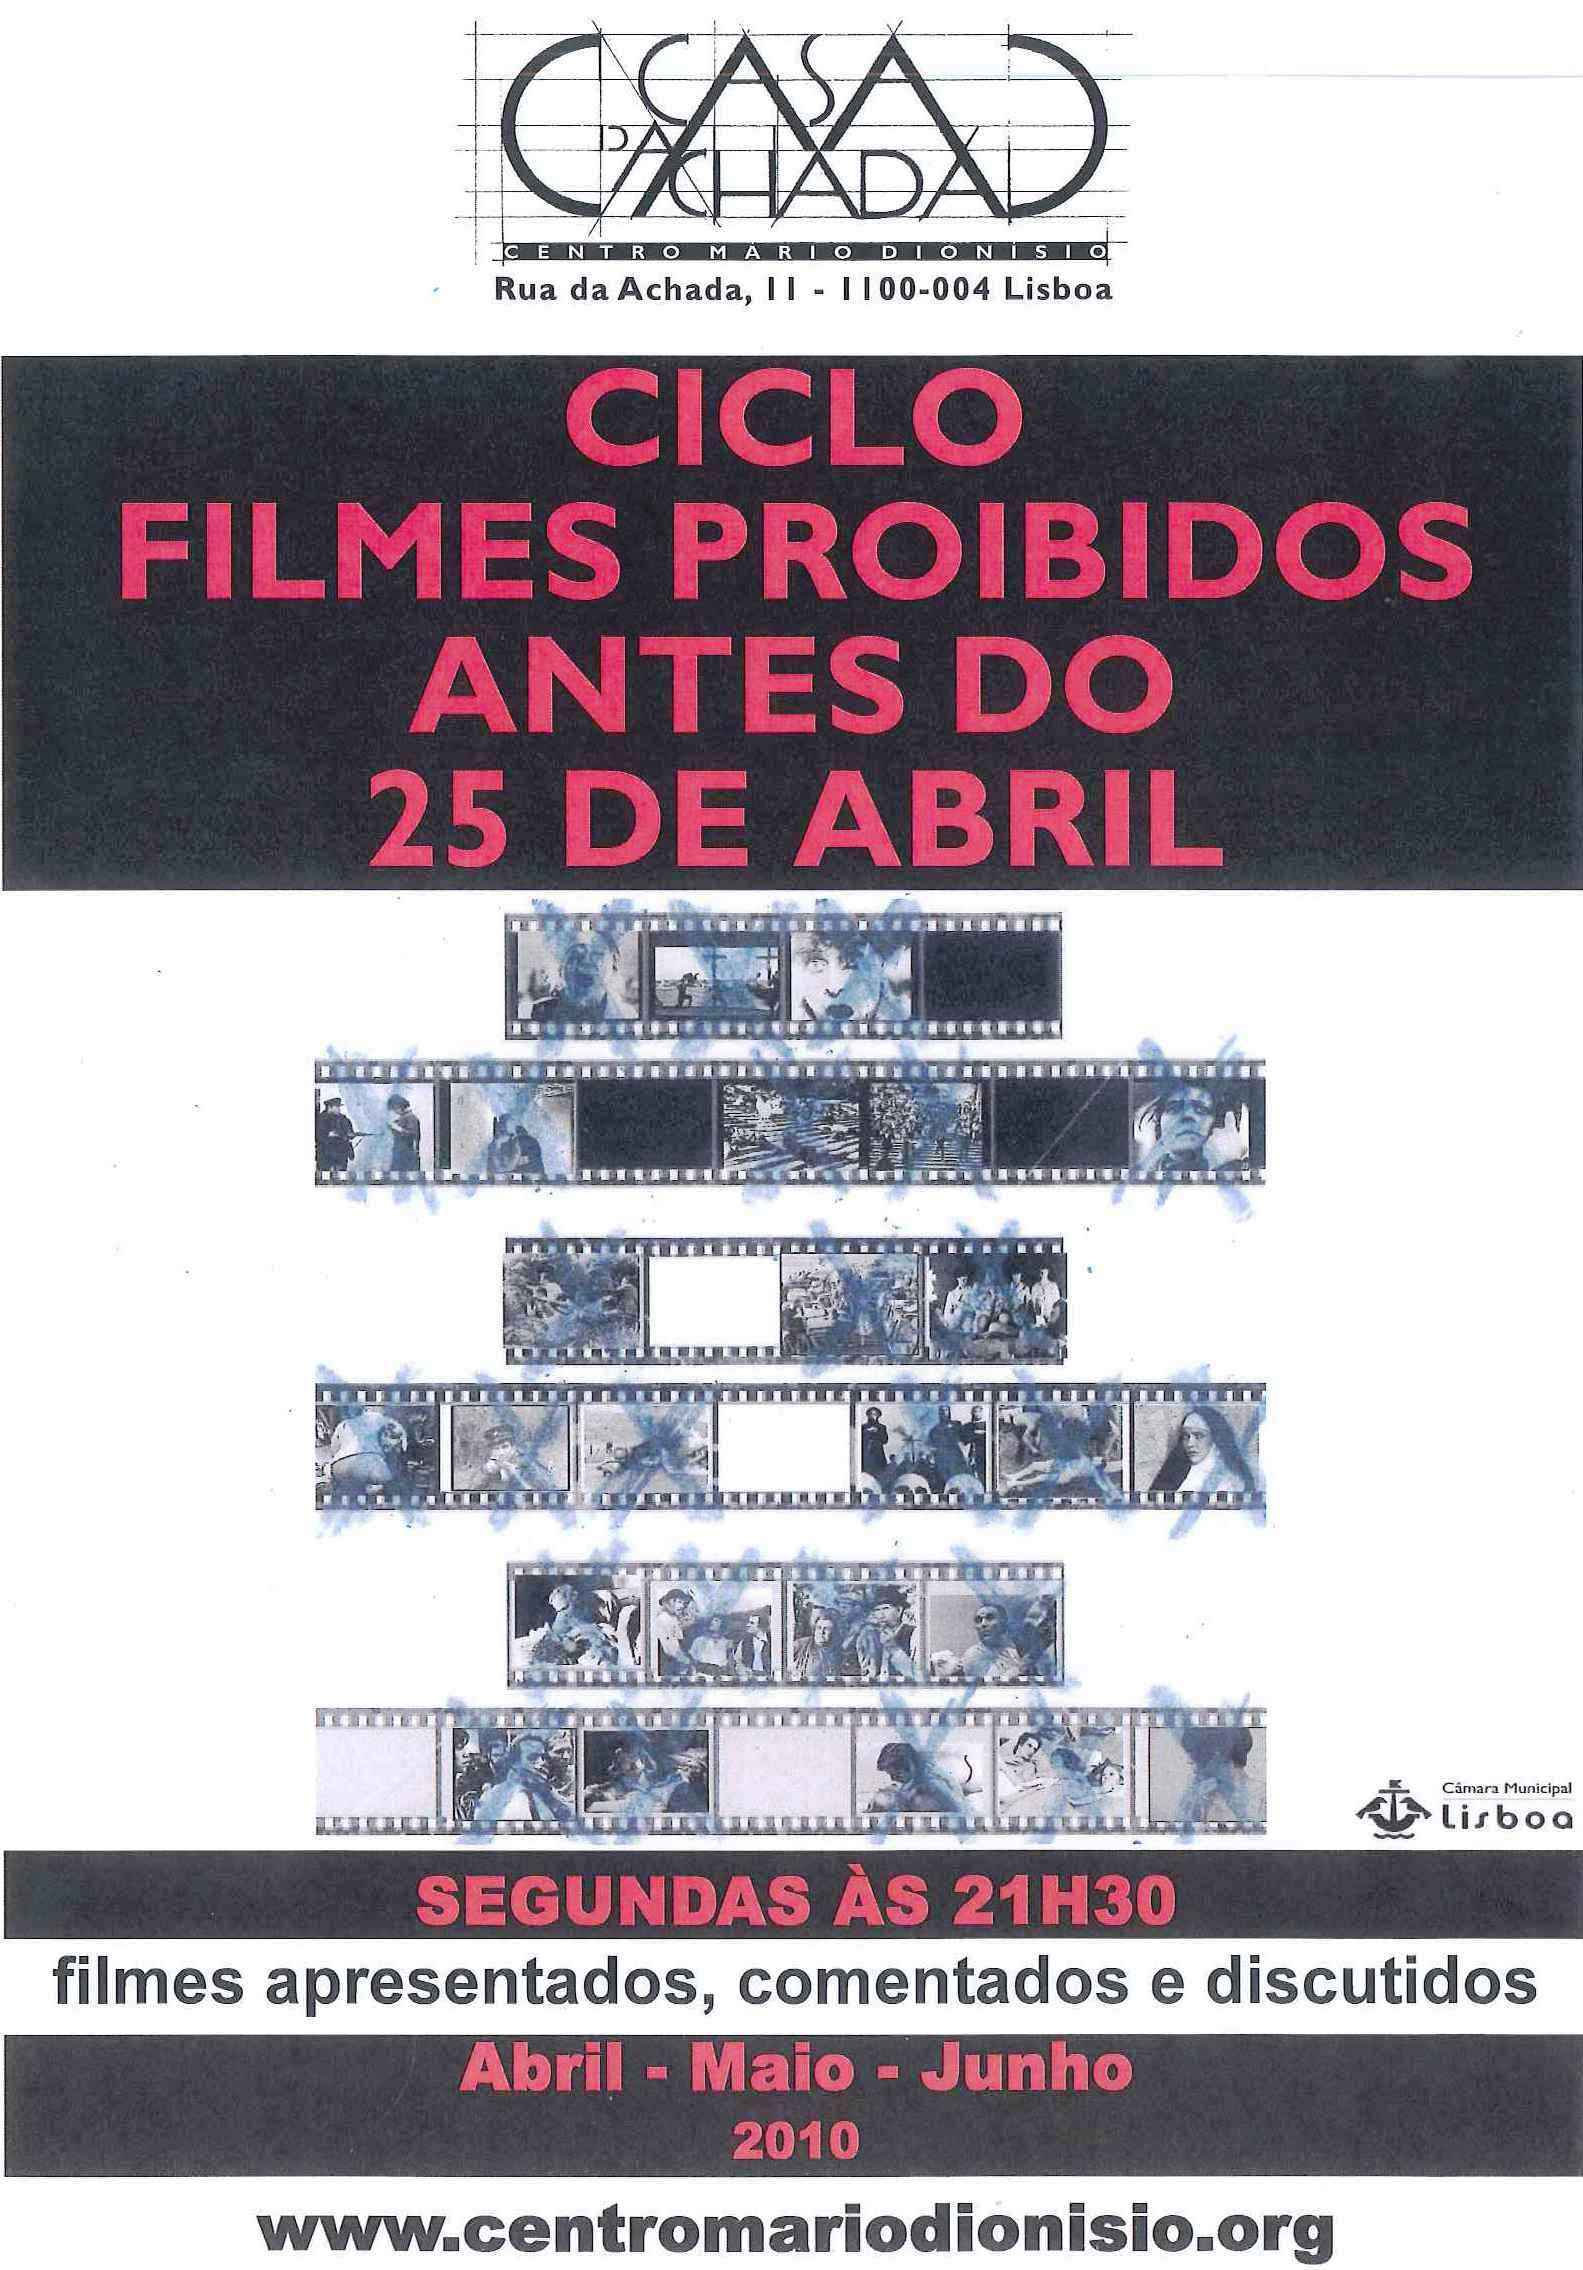 Filmes proibidos antes do 25 de Abril